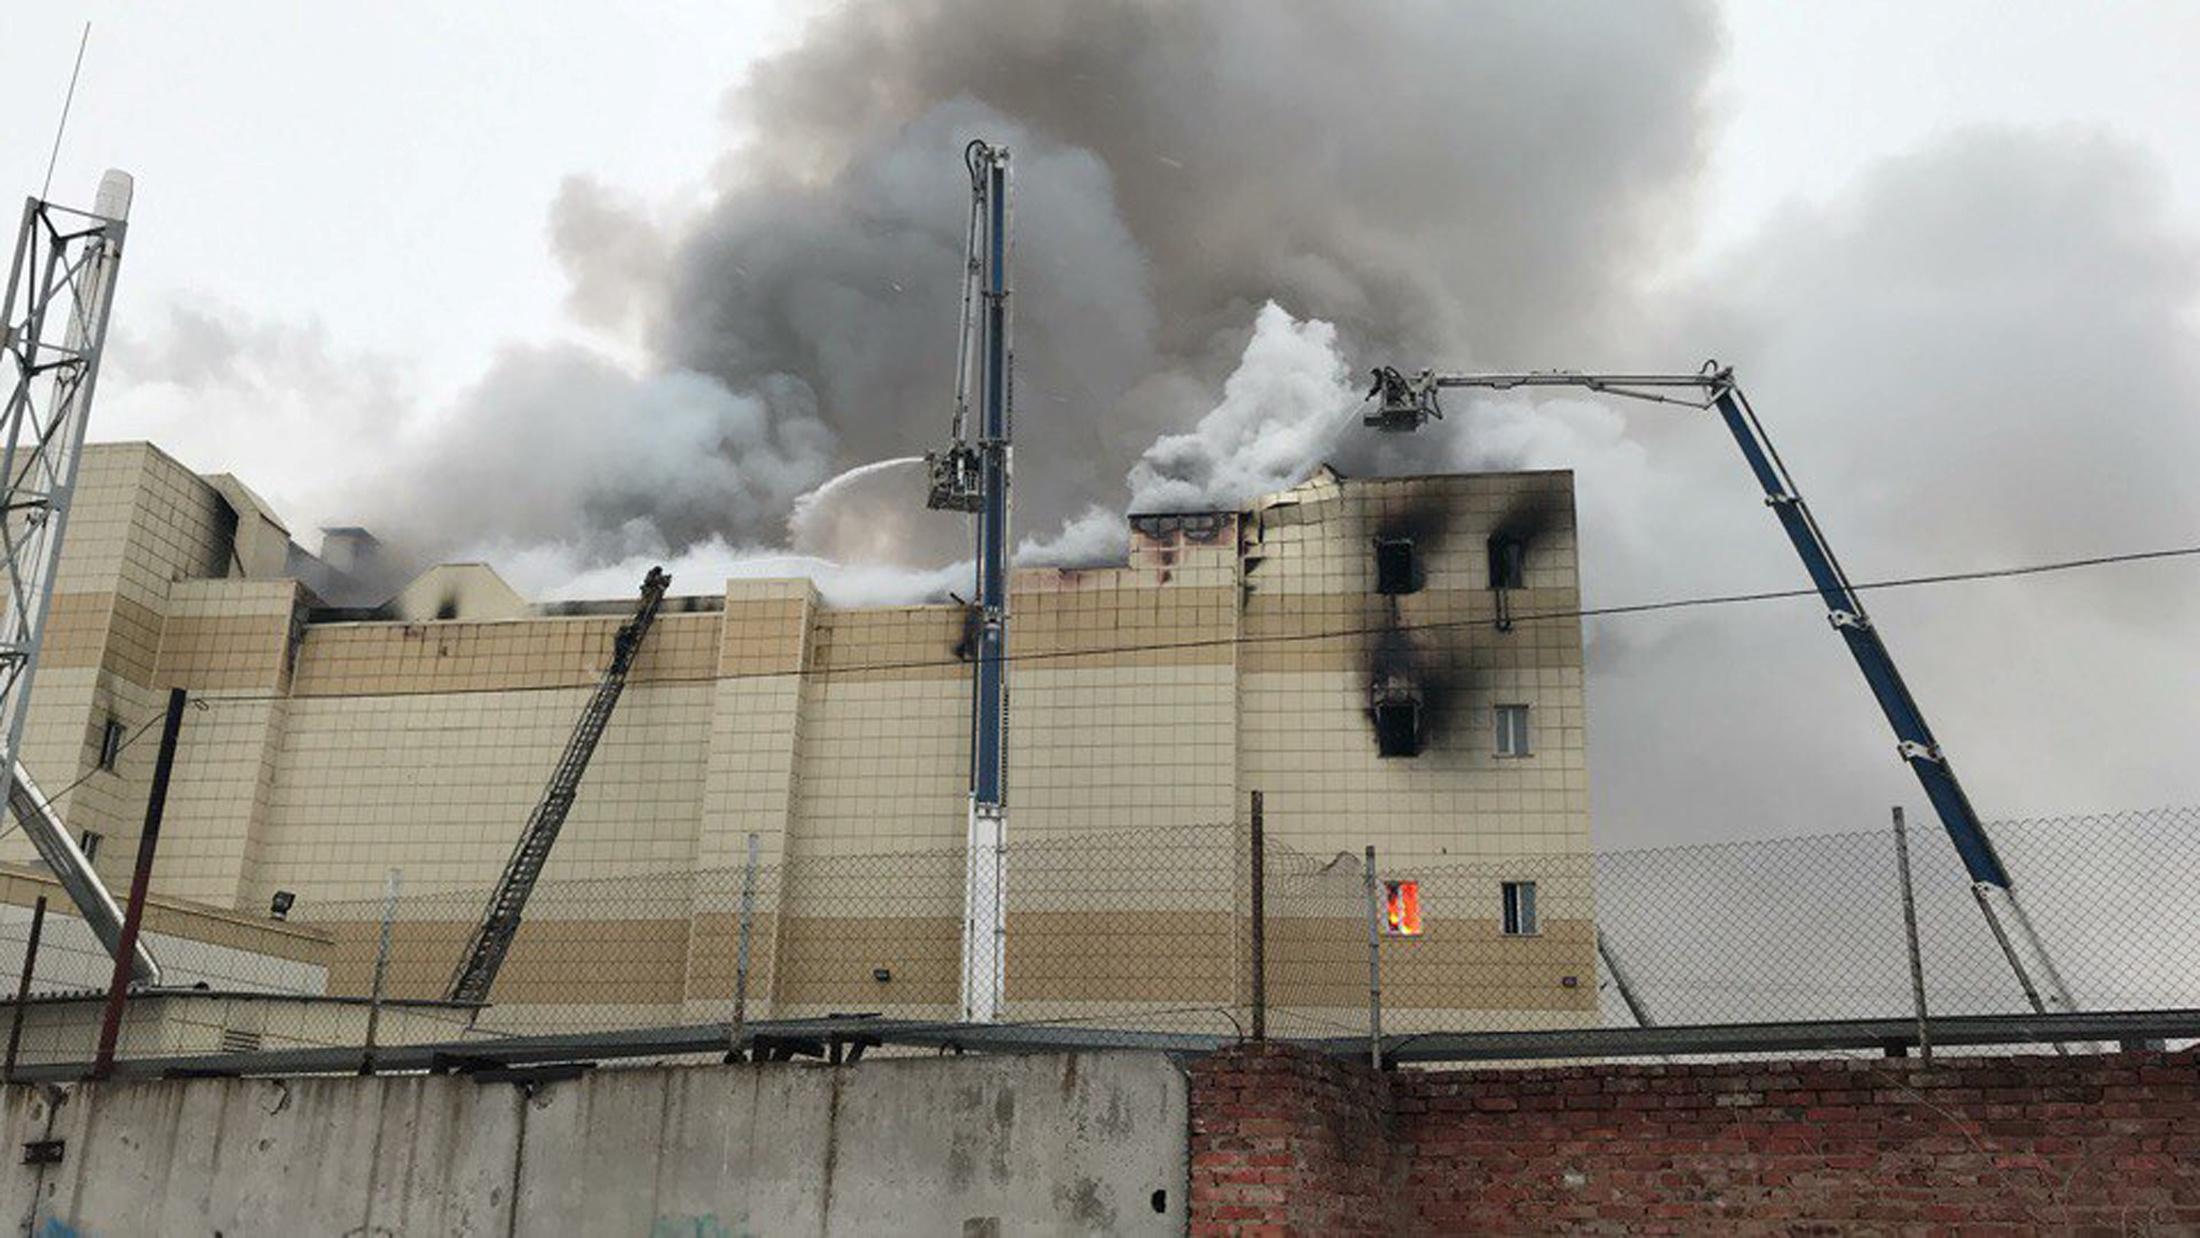 نتيجة بحث الصور عن مصرع 4 أشخاص بينهم 3 أطفال بحريق في روسيا